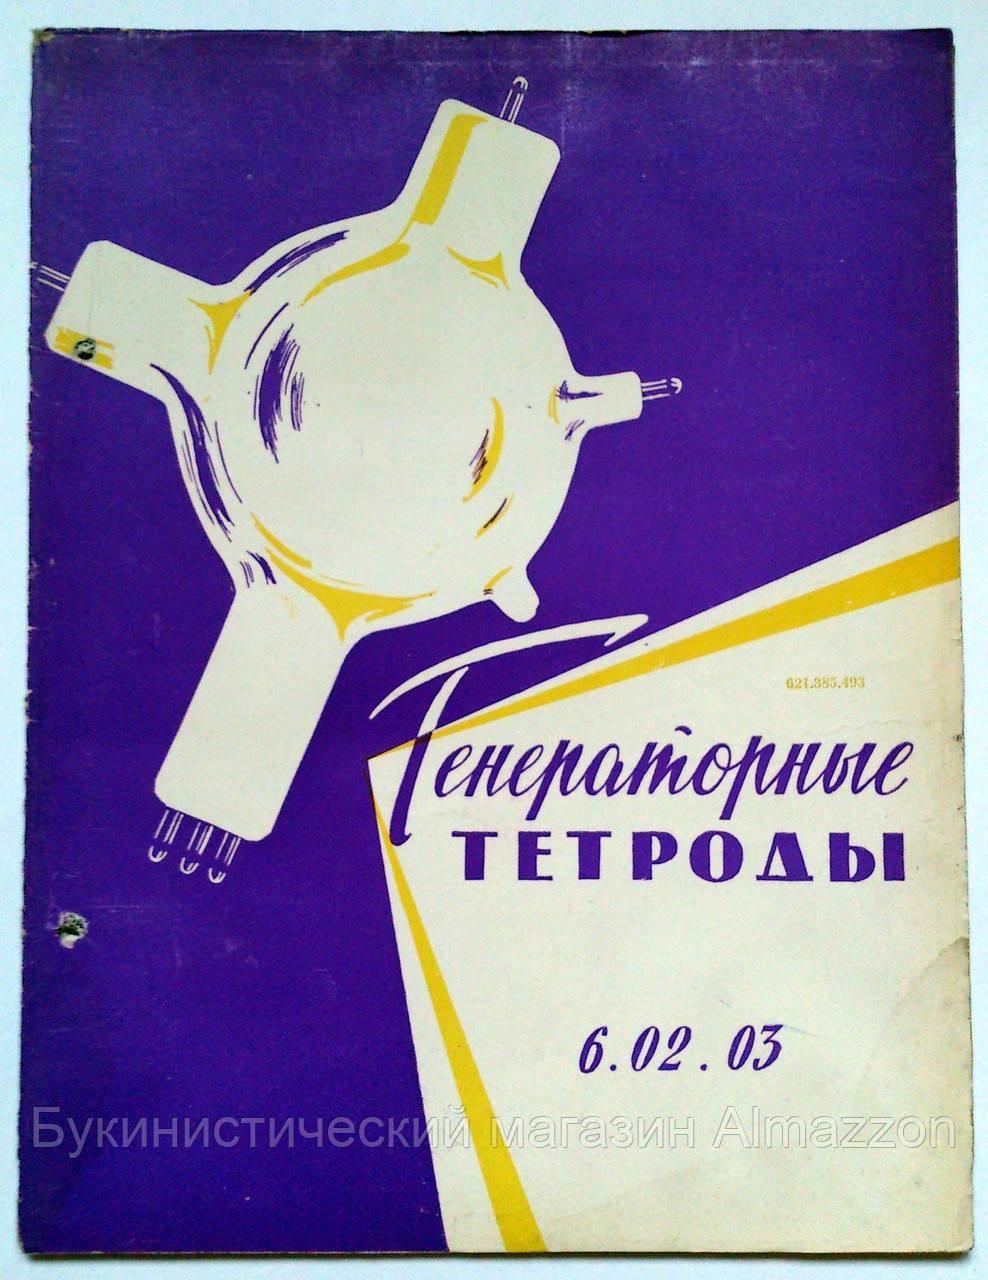 Журнал (Бюллетень)  «Генераторные тетроды 6.02.03»  1962 год